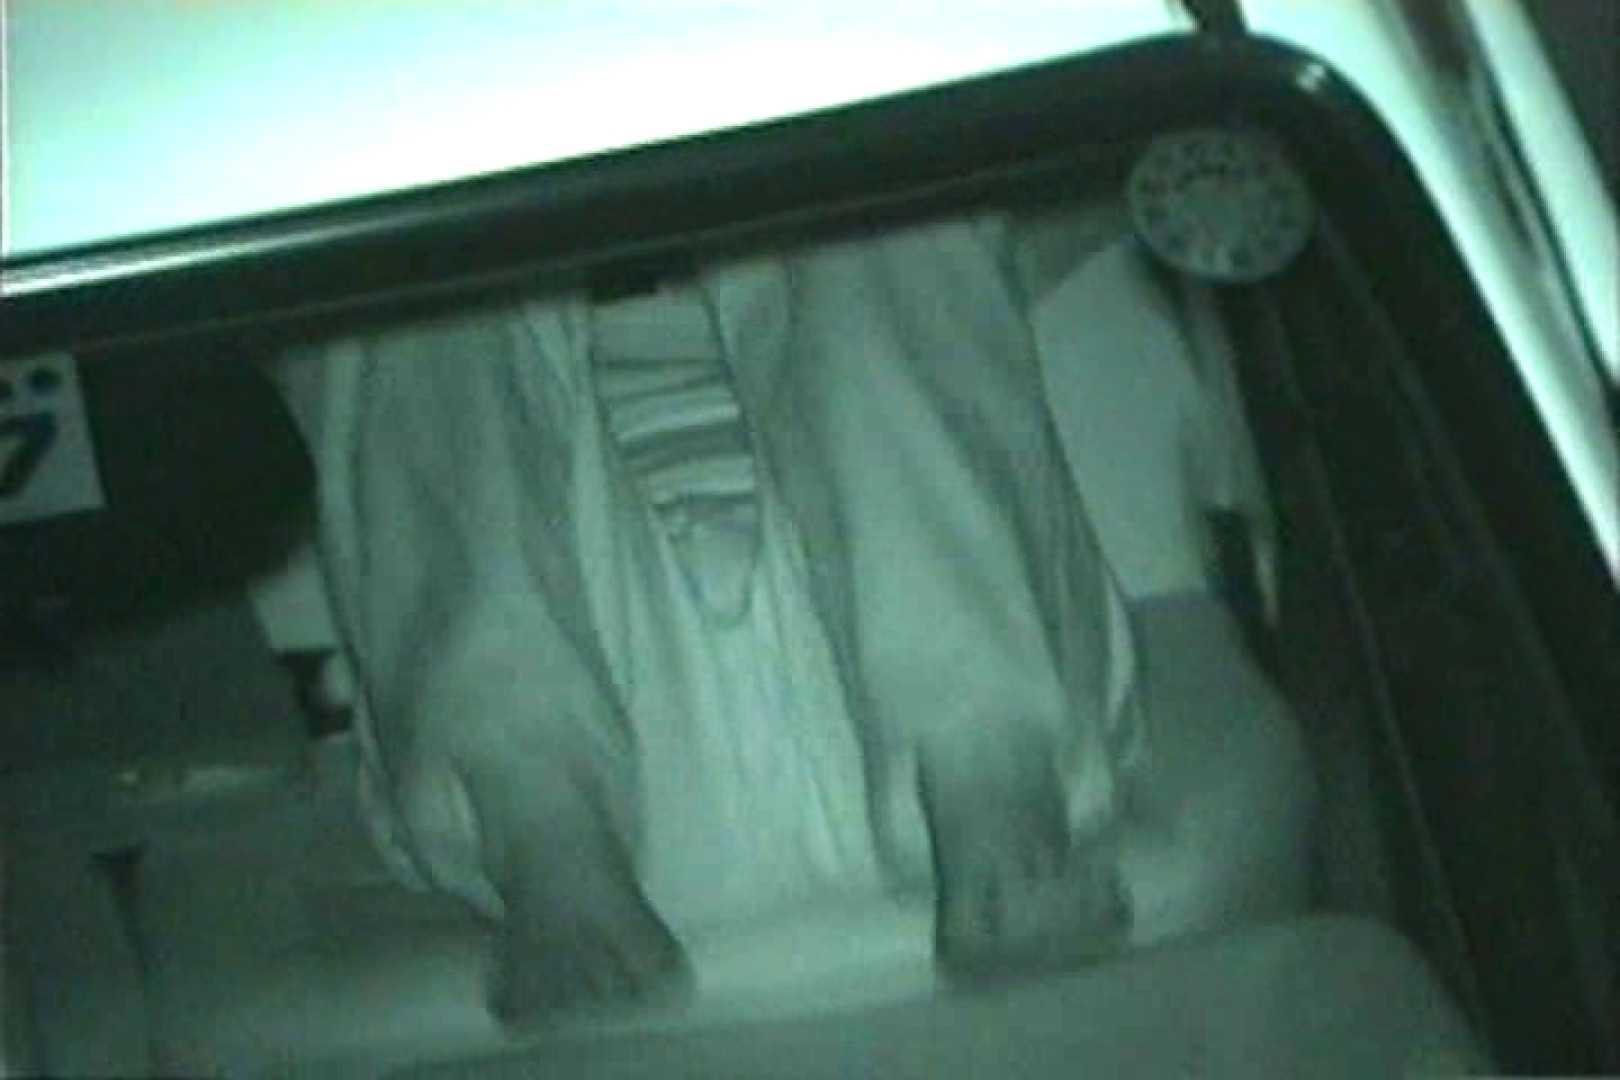 車の中はラブホテル 無修正版  Vol.23 カップル盗撮 おまんこ無修正動画無料 81画像 19